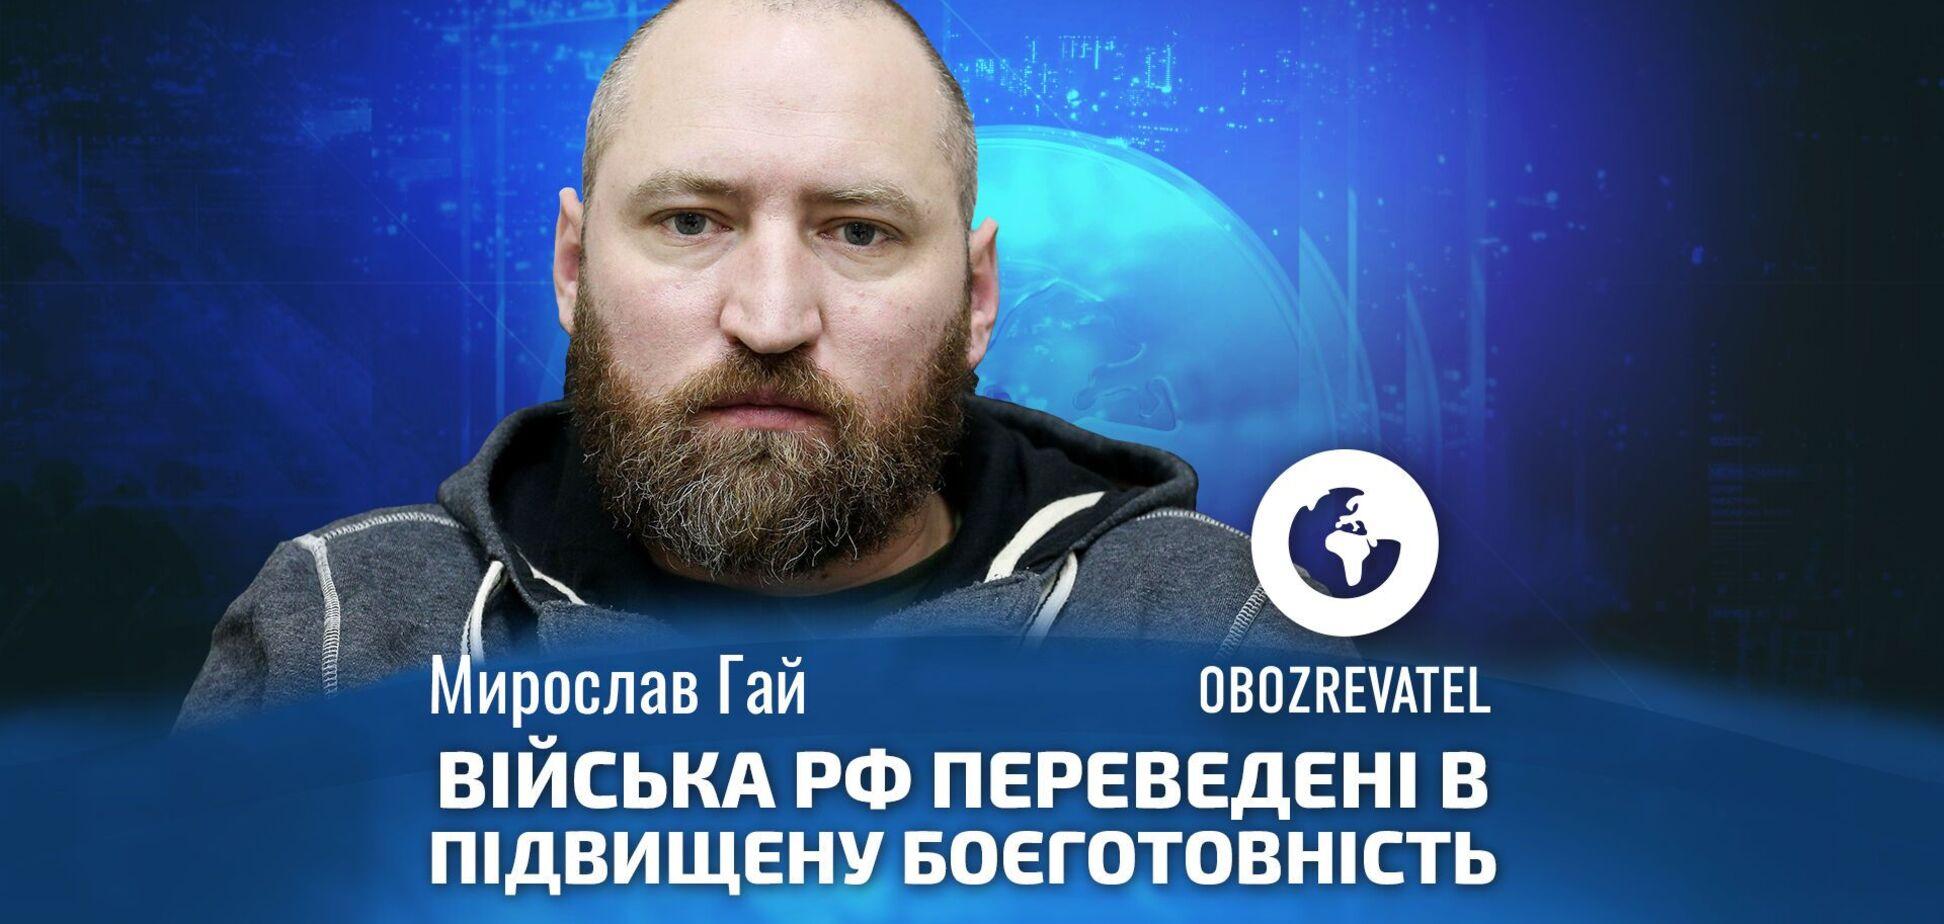 Мирослав Гай: війська РФ в стані підвищеної боєготовності